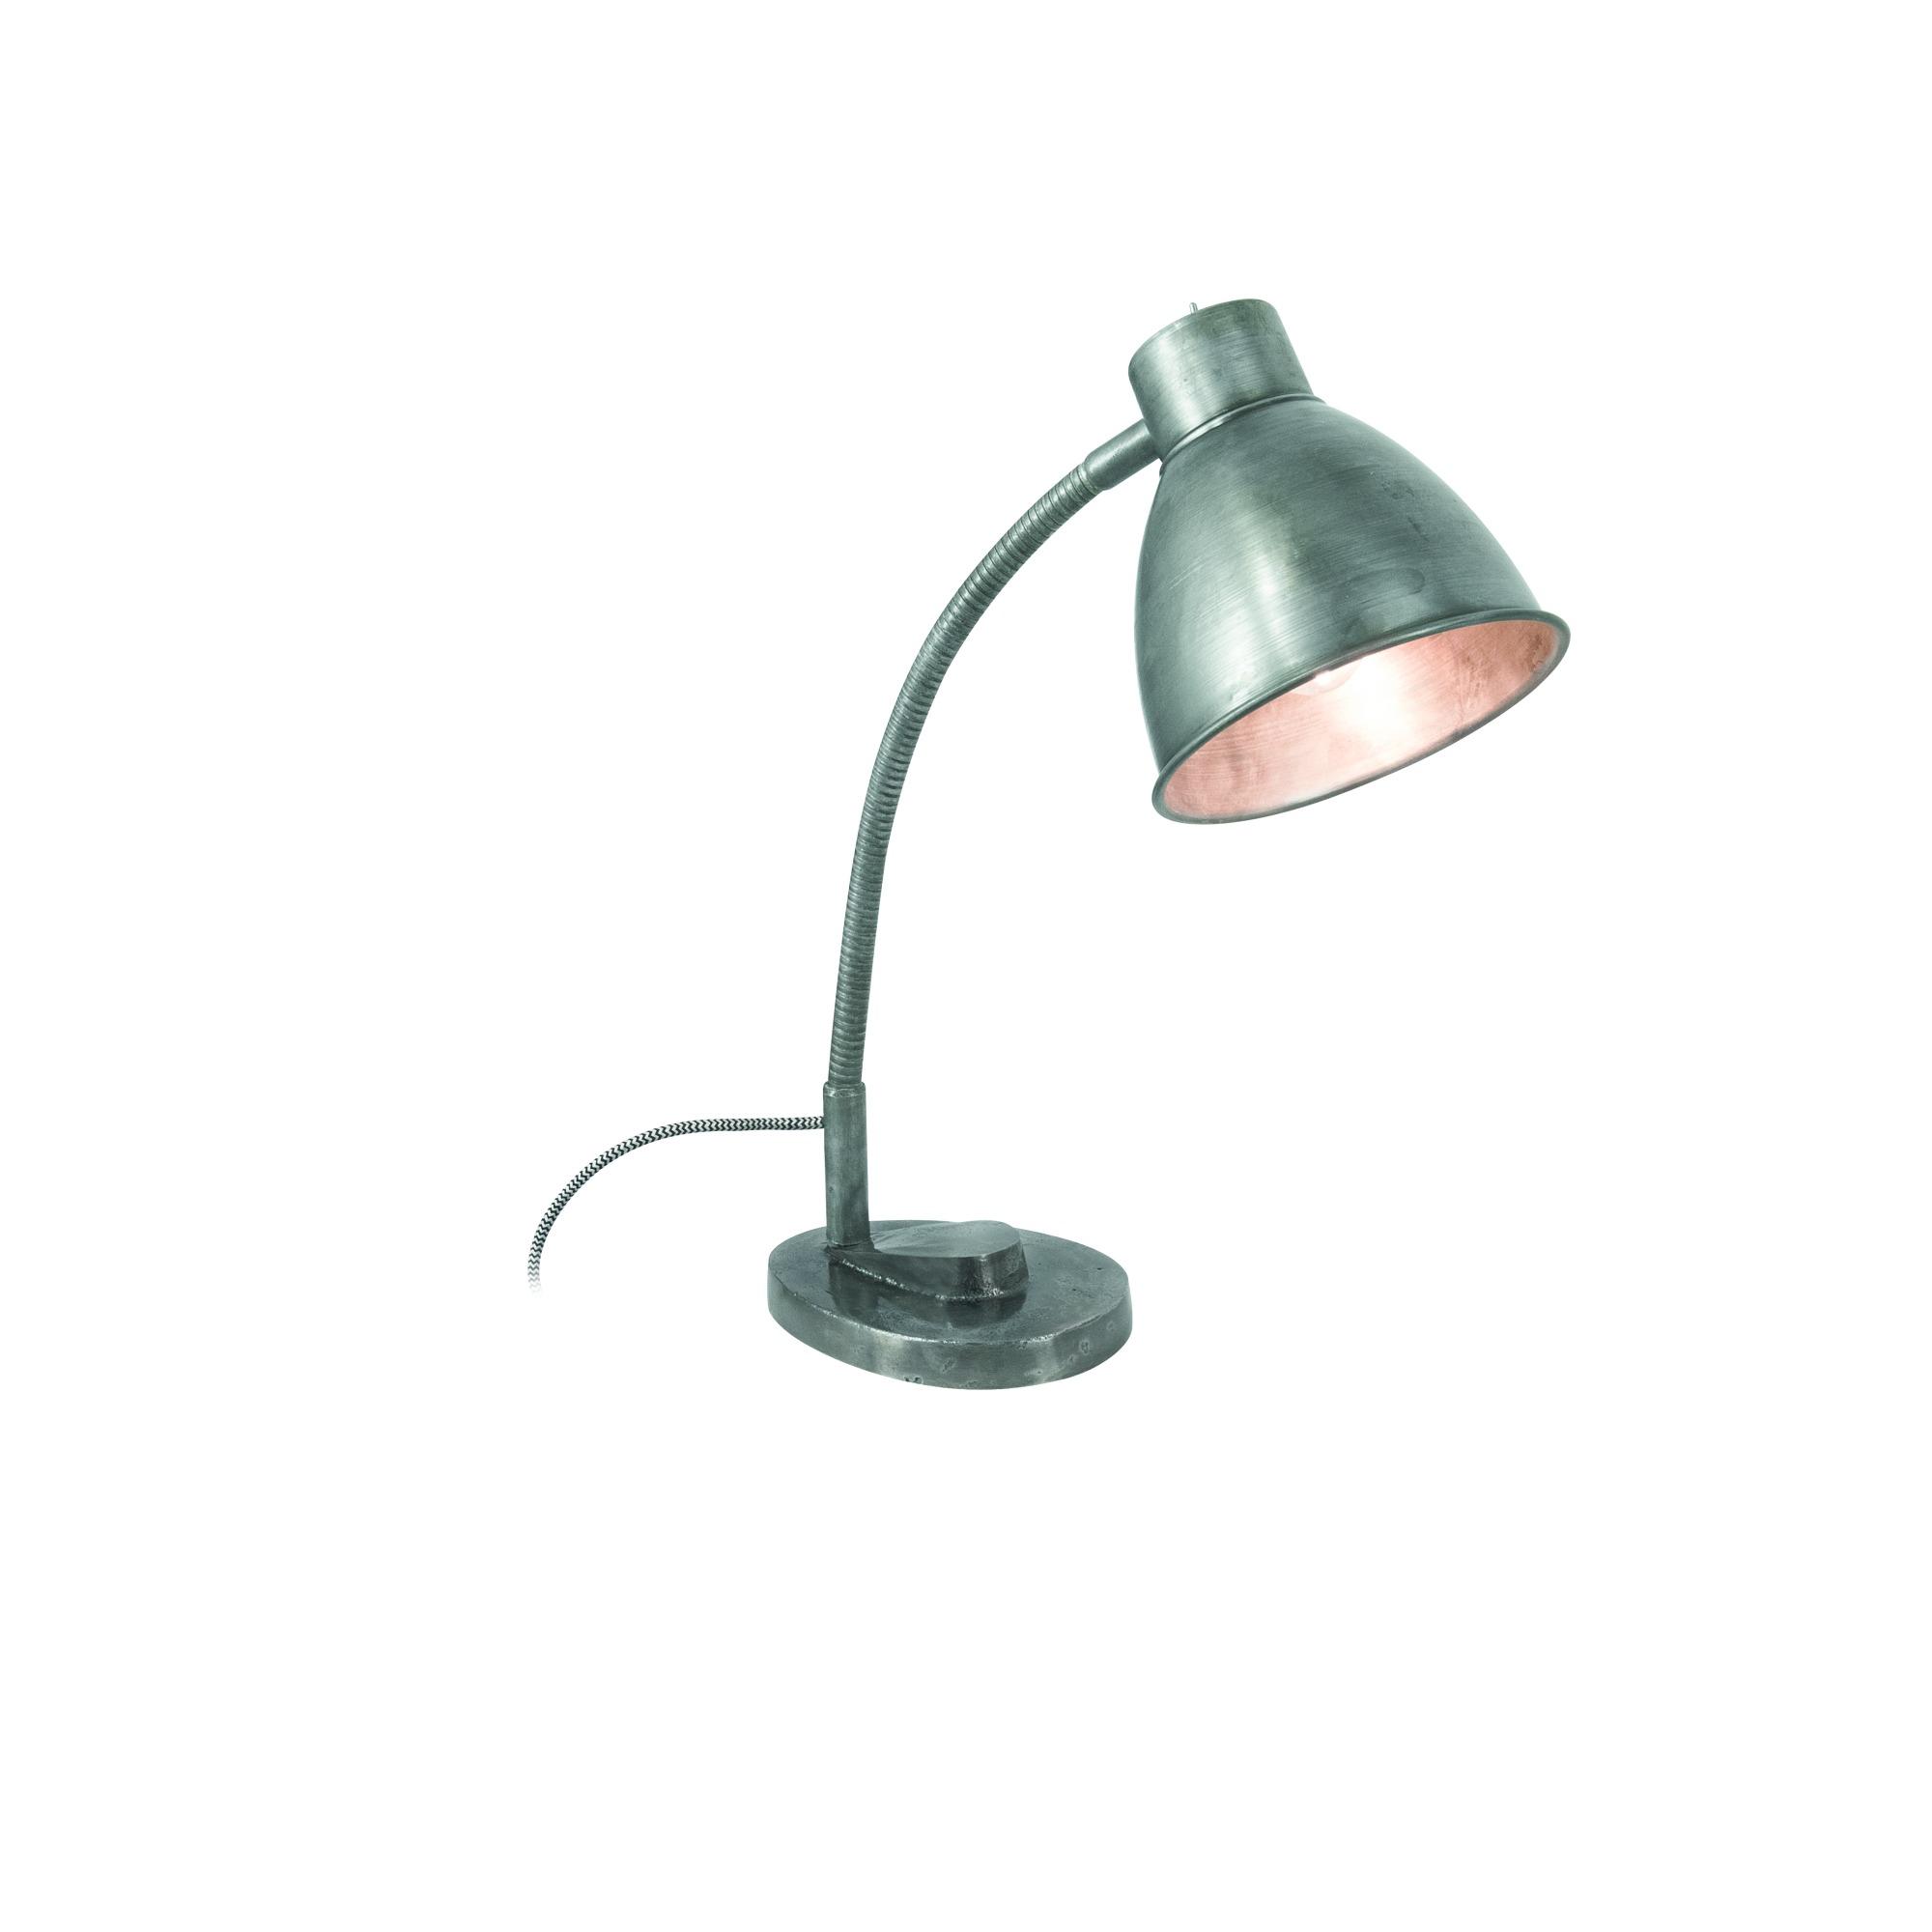 vtwonen Cup Tafellamp Metaal 50 cm